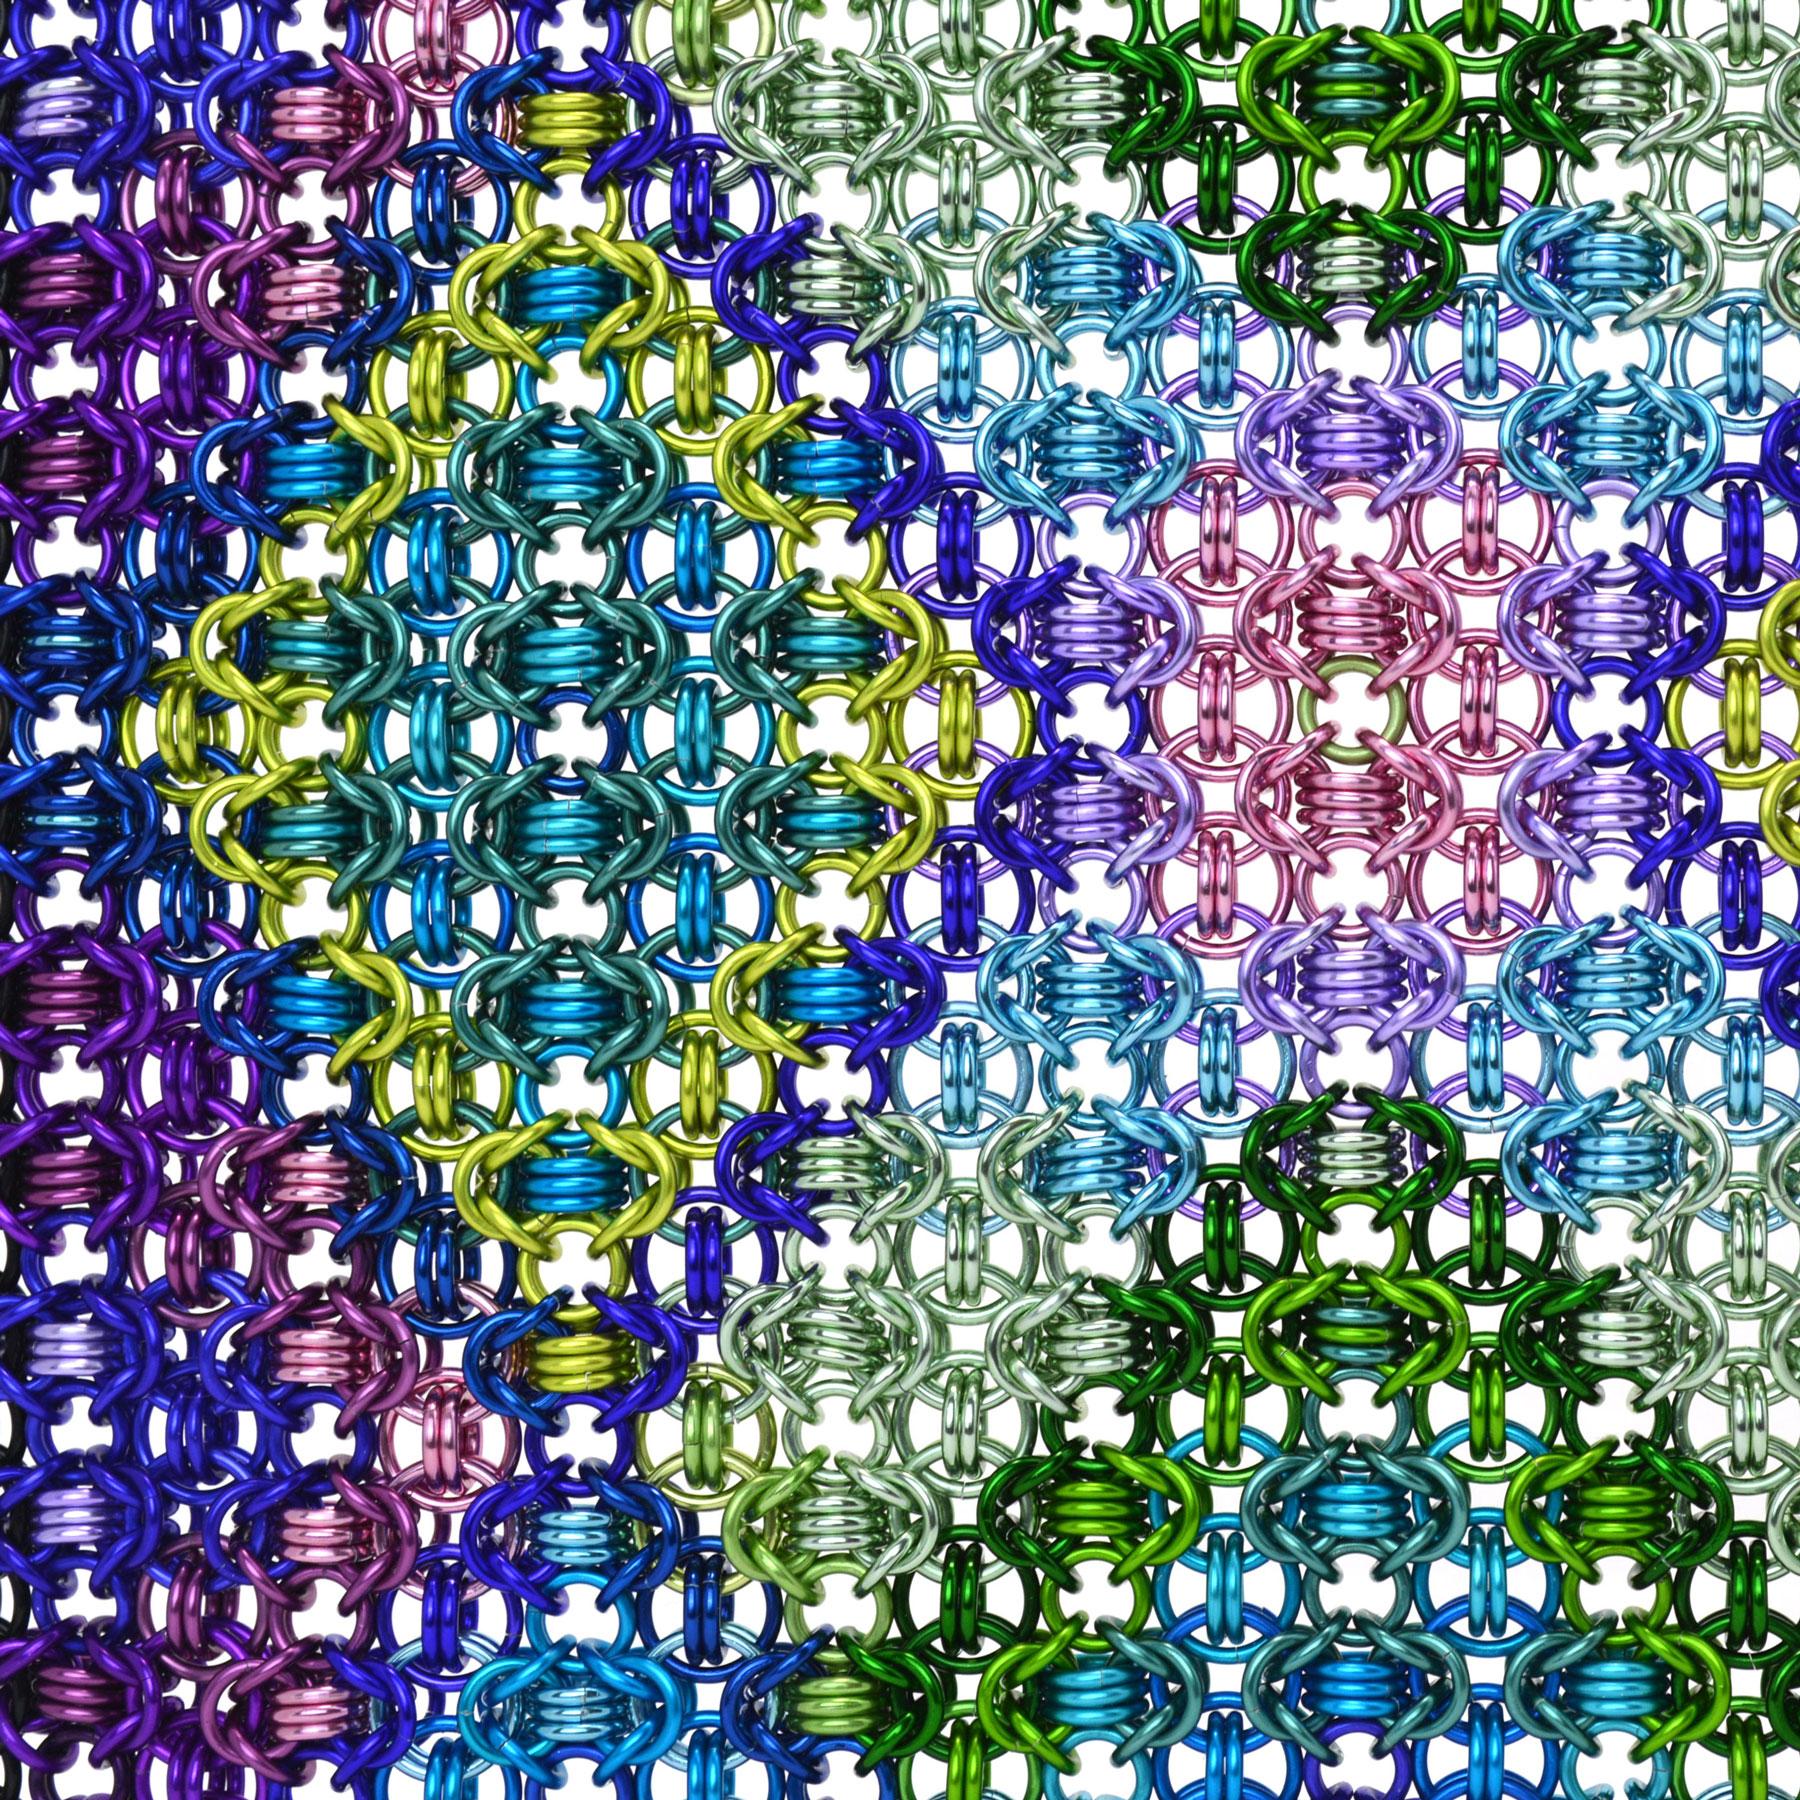 02-quilt-square-zoom